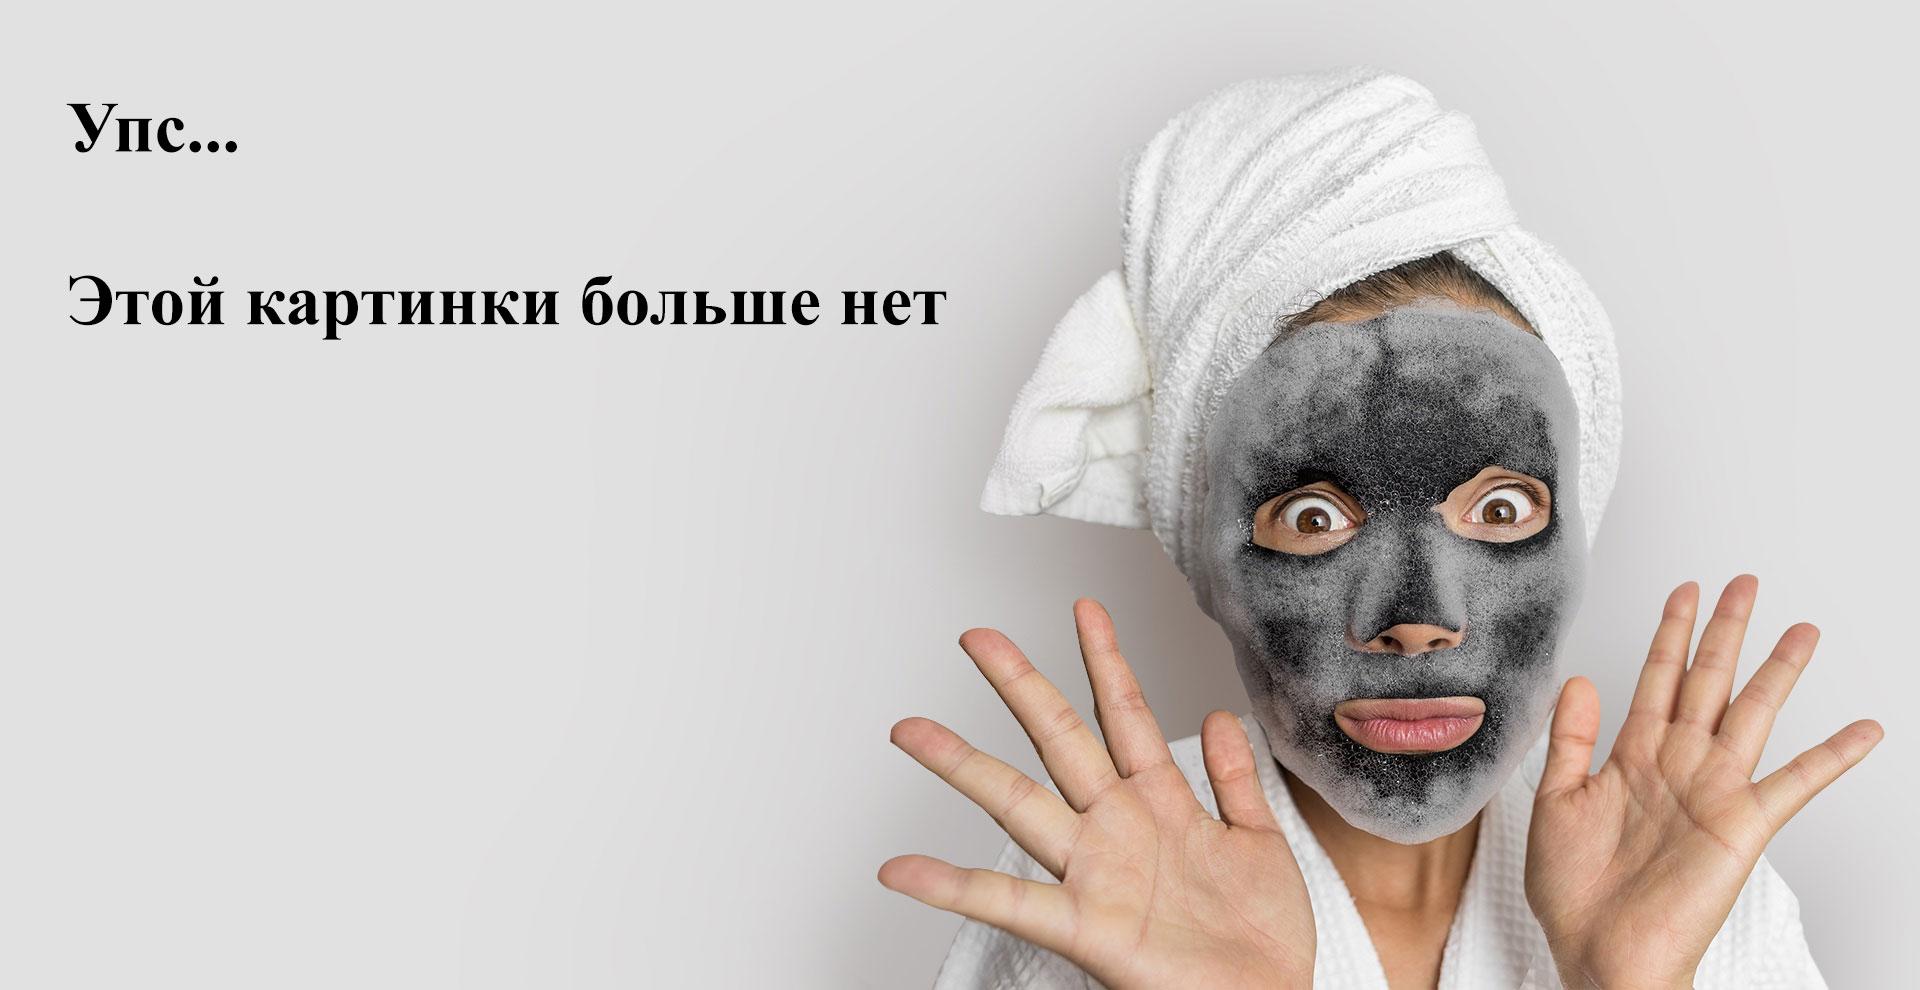 TM ChocoLatte, Крем для лица Суфле Молочное, 50 мл